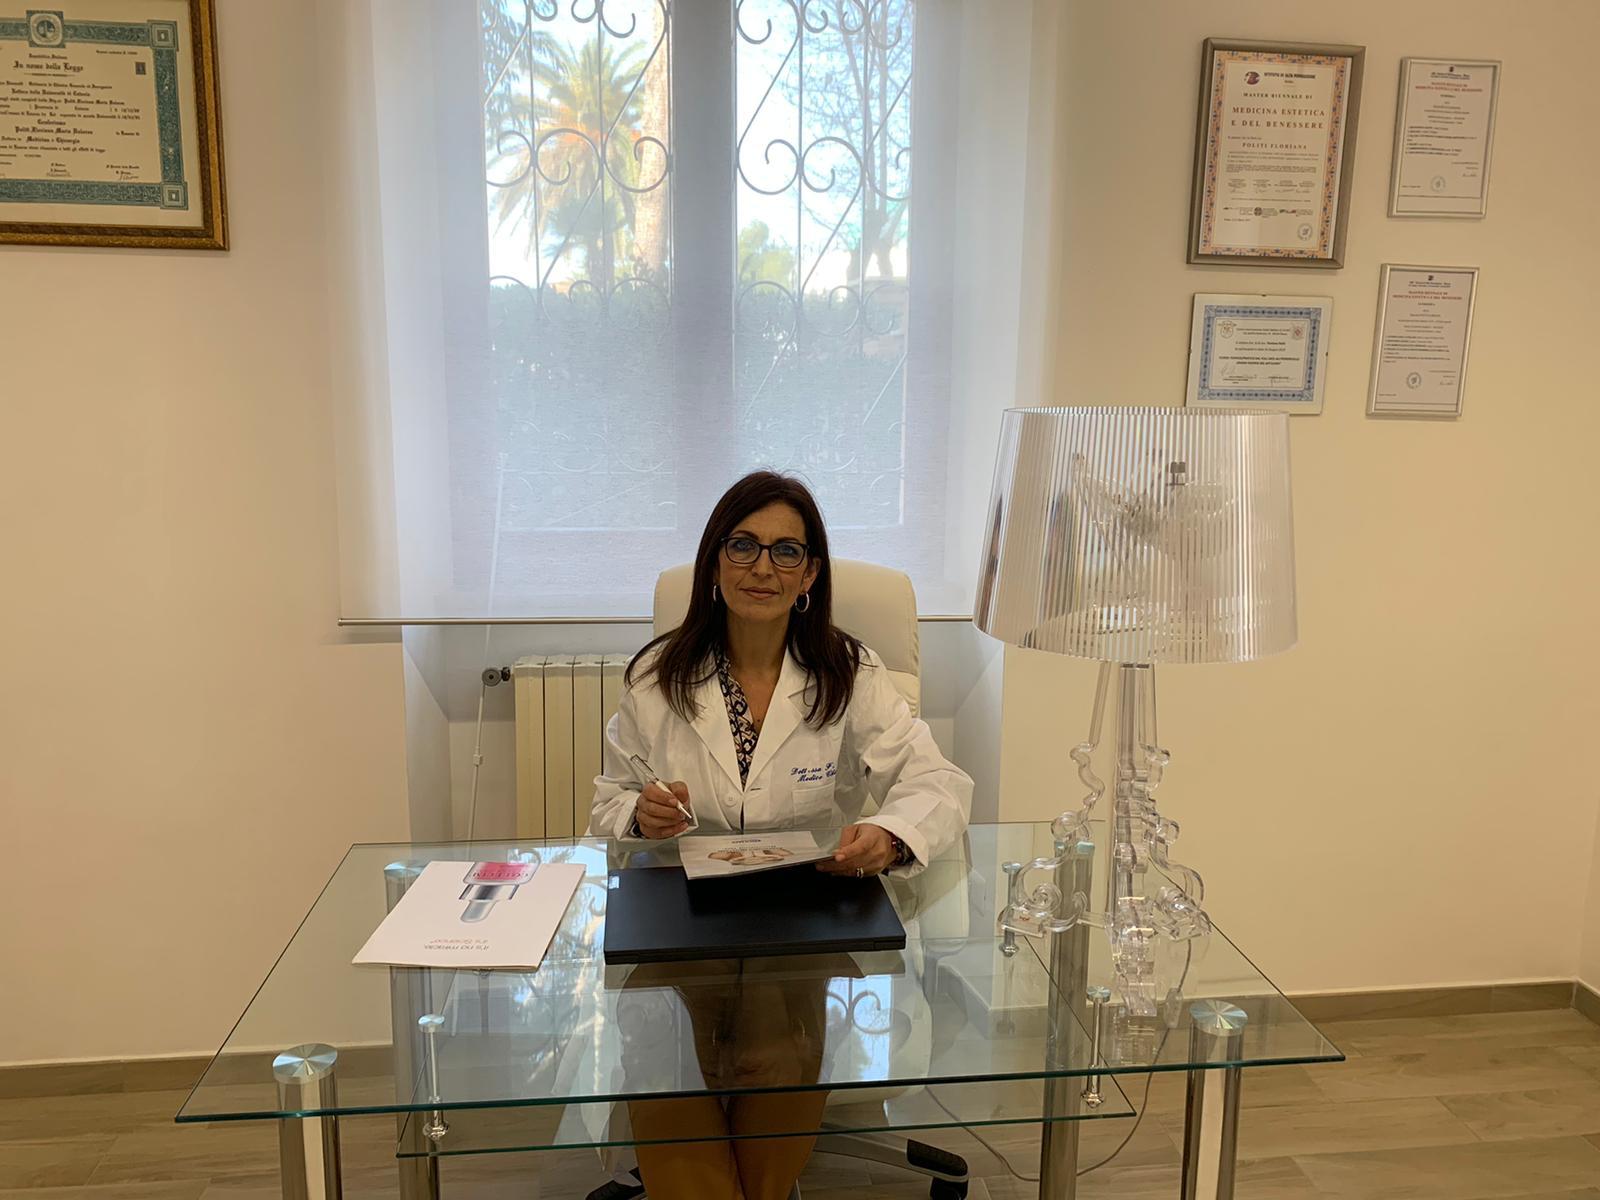 La medicina estetica arriva a Santa Marinella. Aperte le consulenze della Dott.ssa Floriana Politi